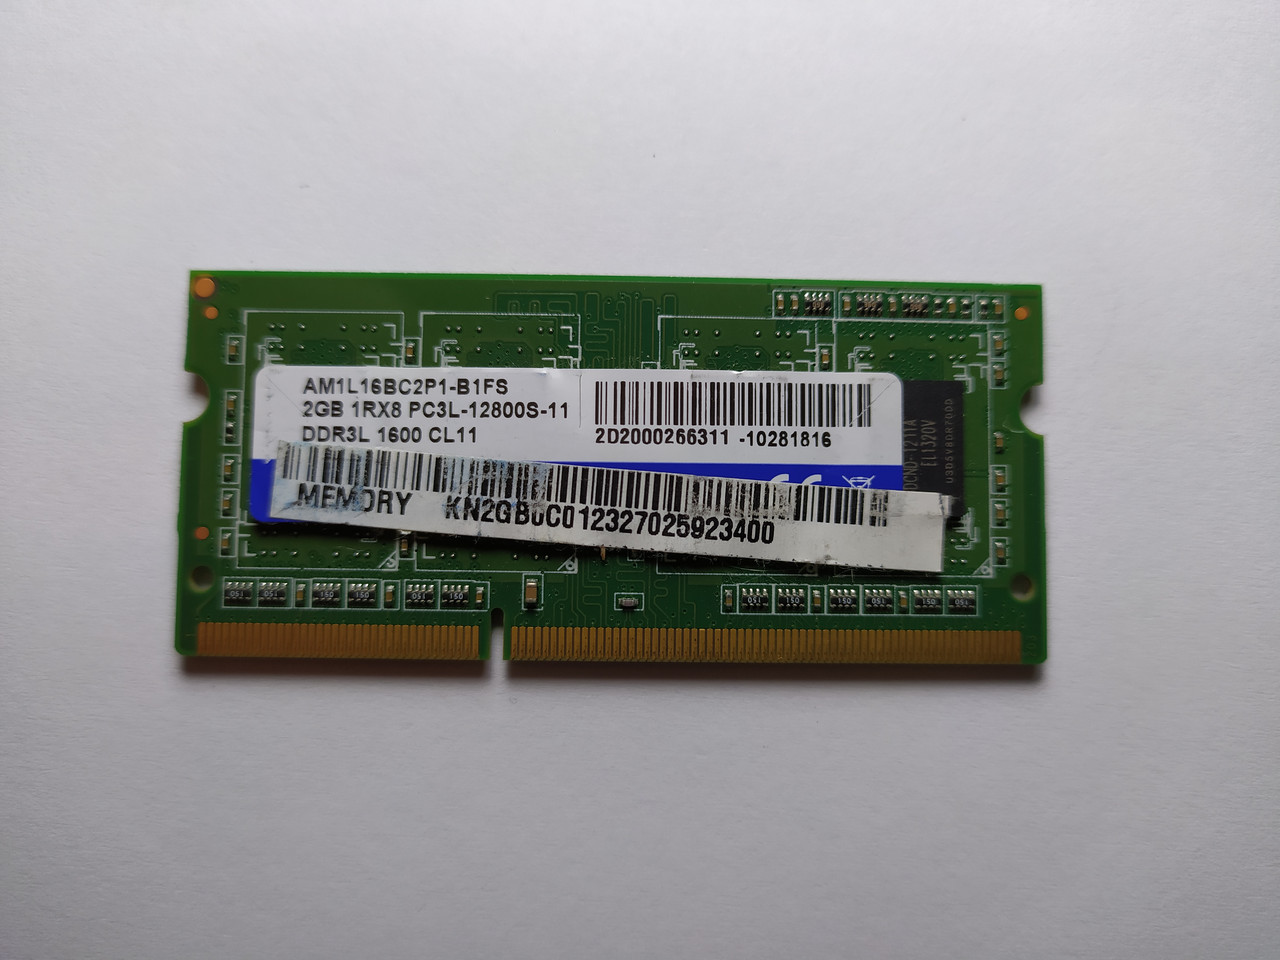 Оперативная память для ноутбука SODIMM ADATA DDR3L 2Gb 1600MHz PC3L-12800S (AM1L16BC2P1-B1FS) Б/У